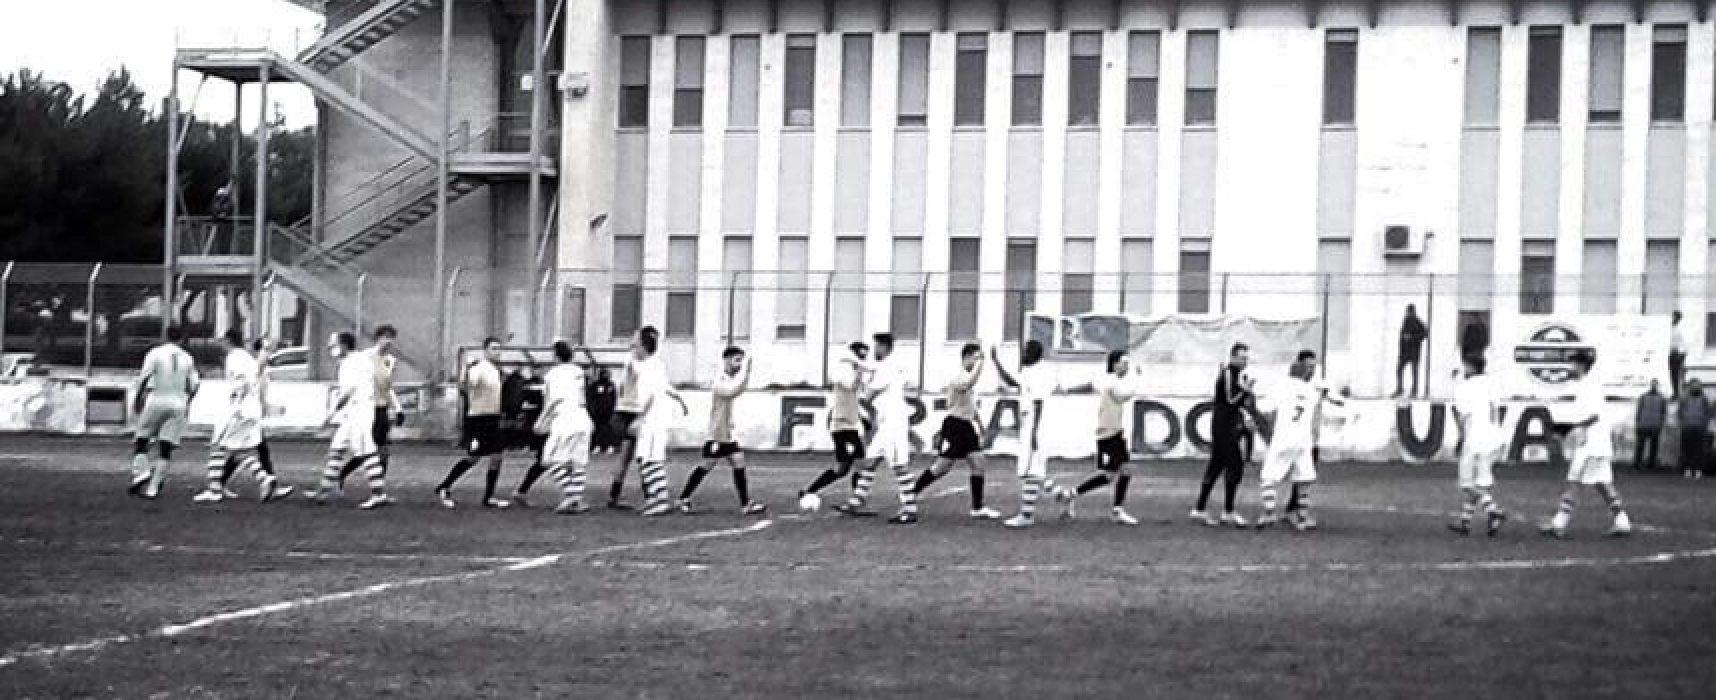 Seconda Categoria: il derby Bellavitainpuglia-Don Uva chiude la regular season